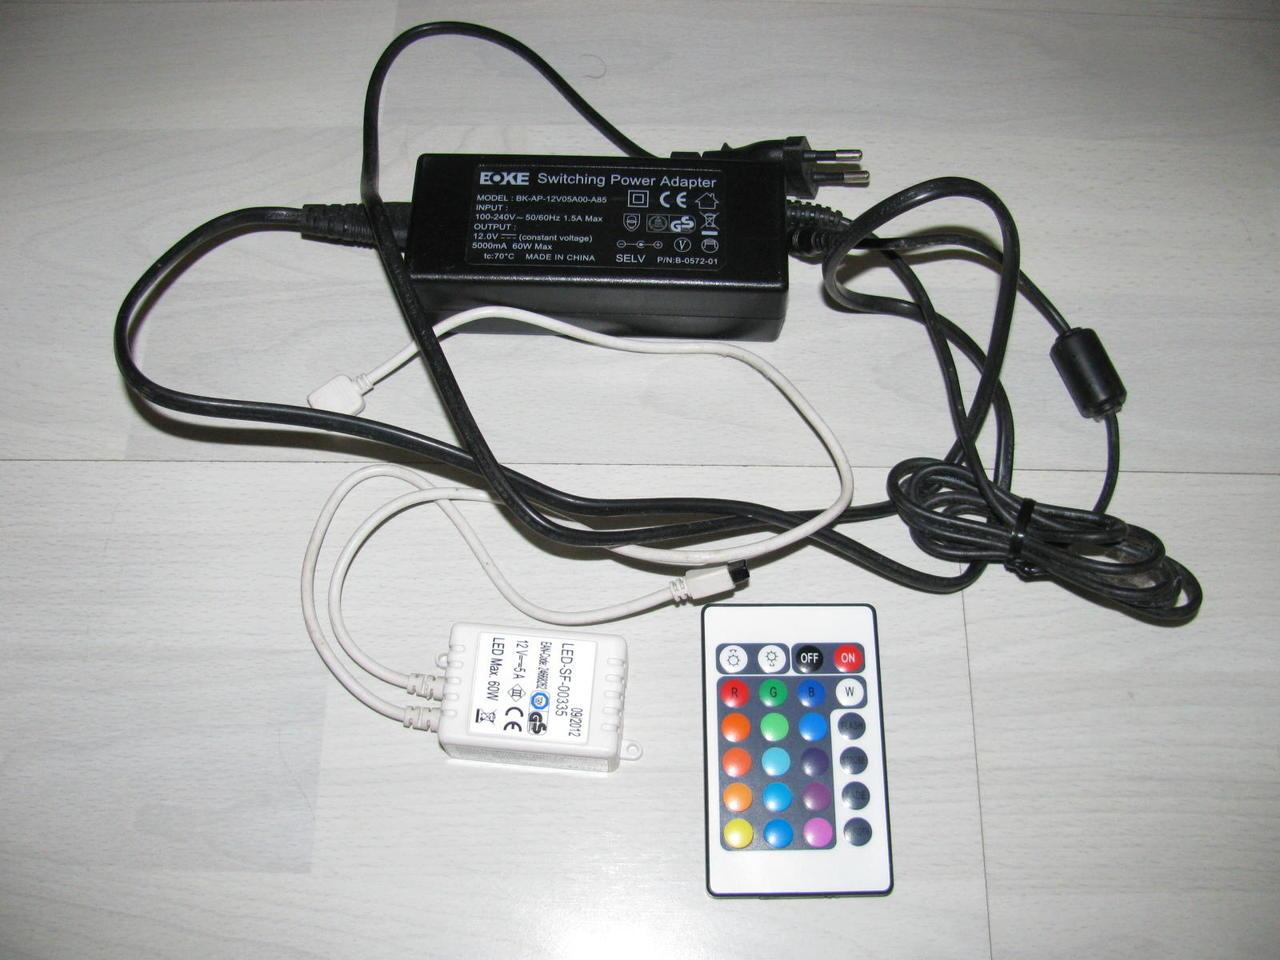 Dĺžka šnúry 60 cm. Konektor. LED pás na 220V typu 5050 vodeodolný, RGB farebný, 60 LED/m, · LED pás na 220V t Kompletná sada s týmito komponentami : - RGB pásik umožňujúci zmenu.